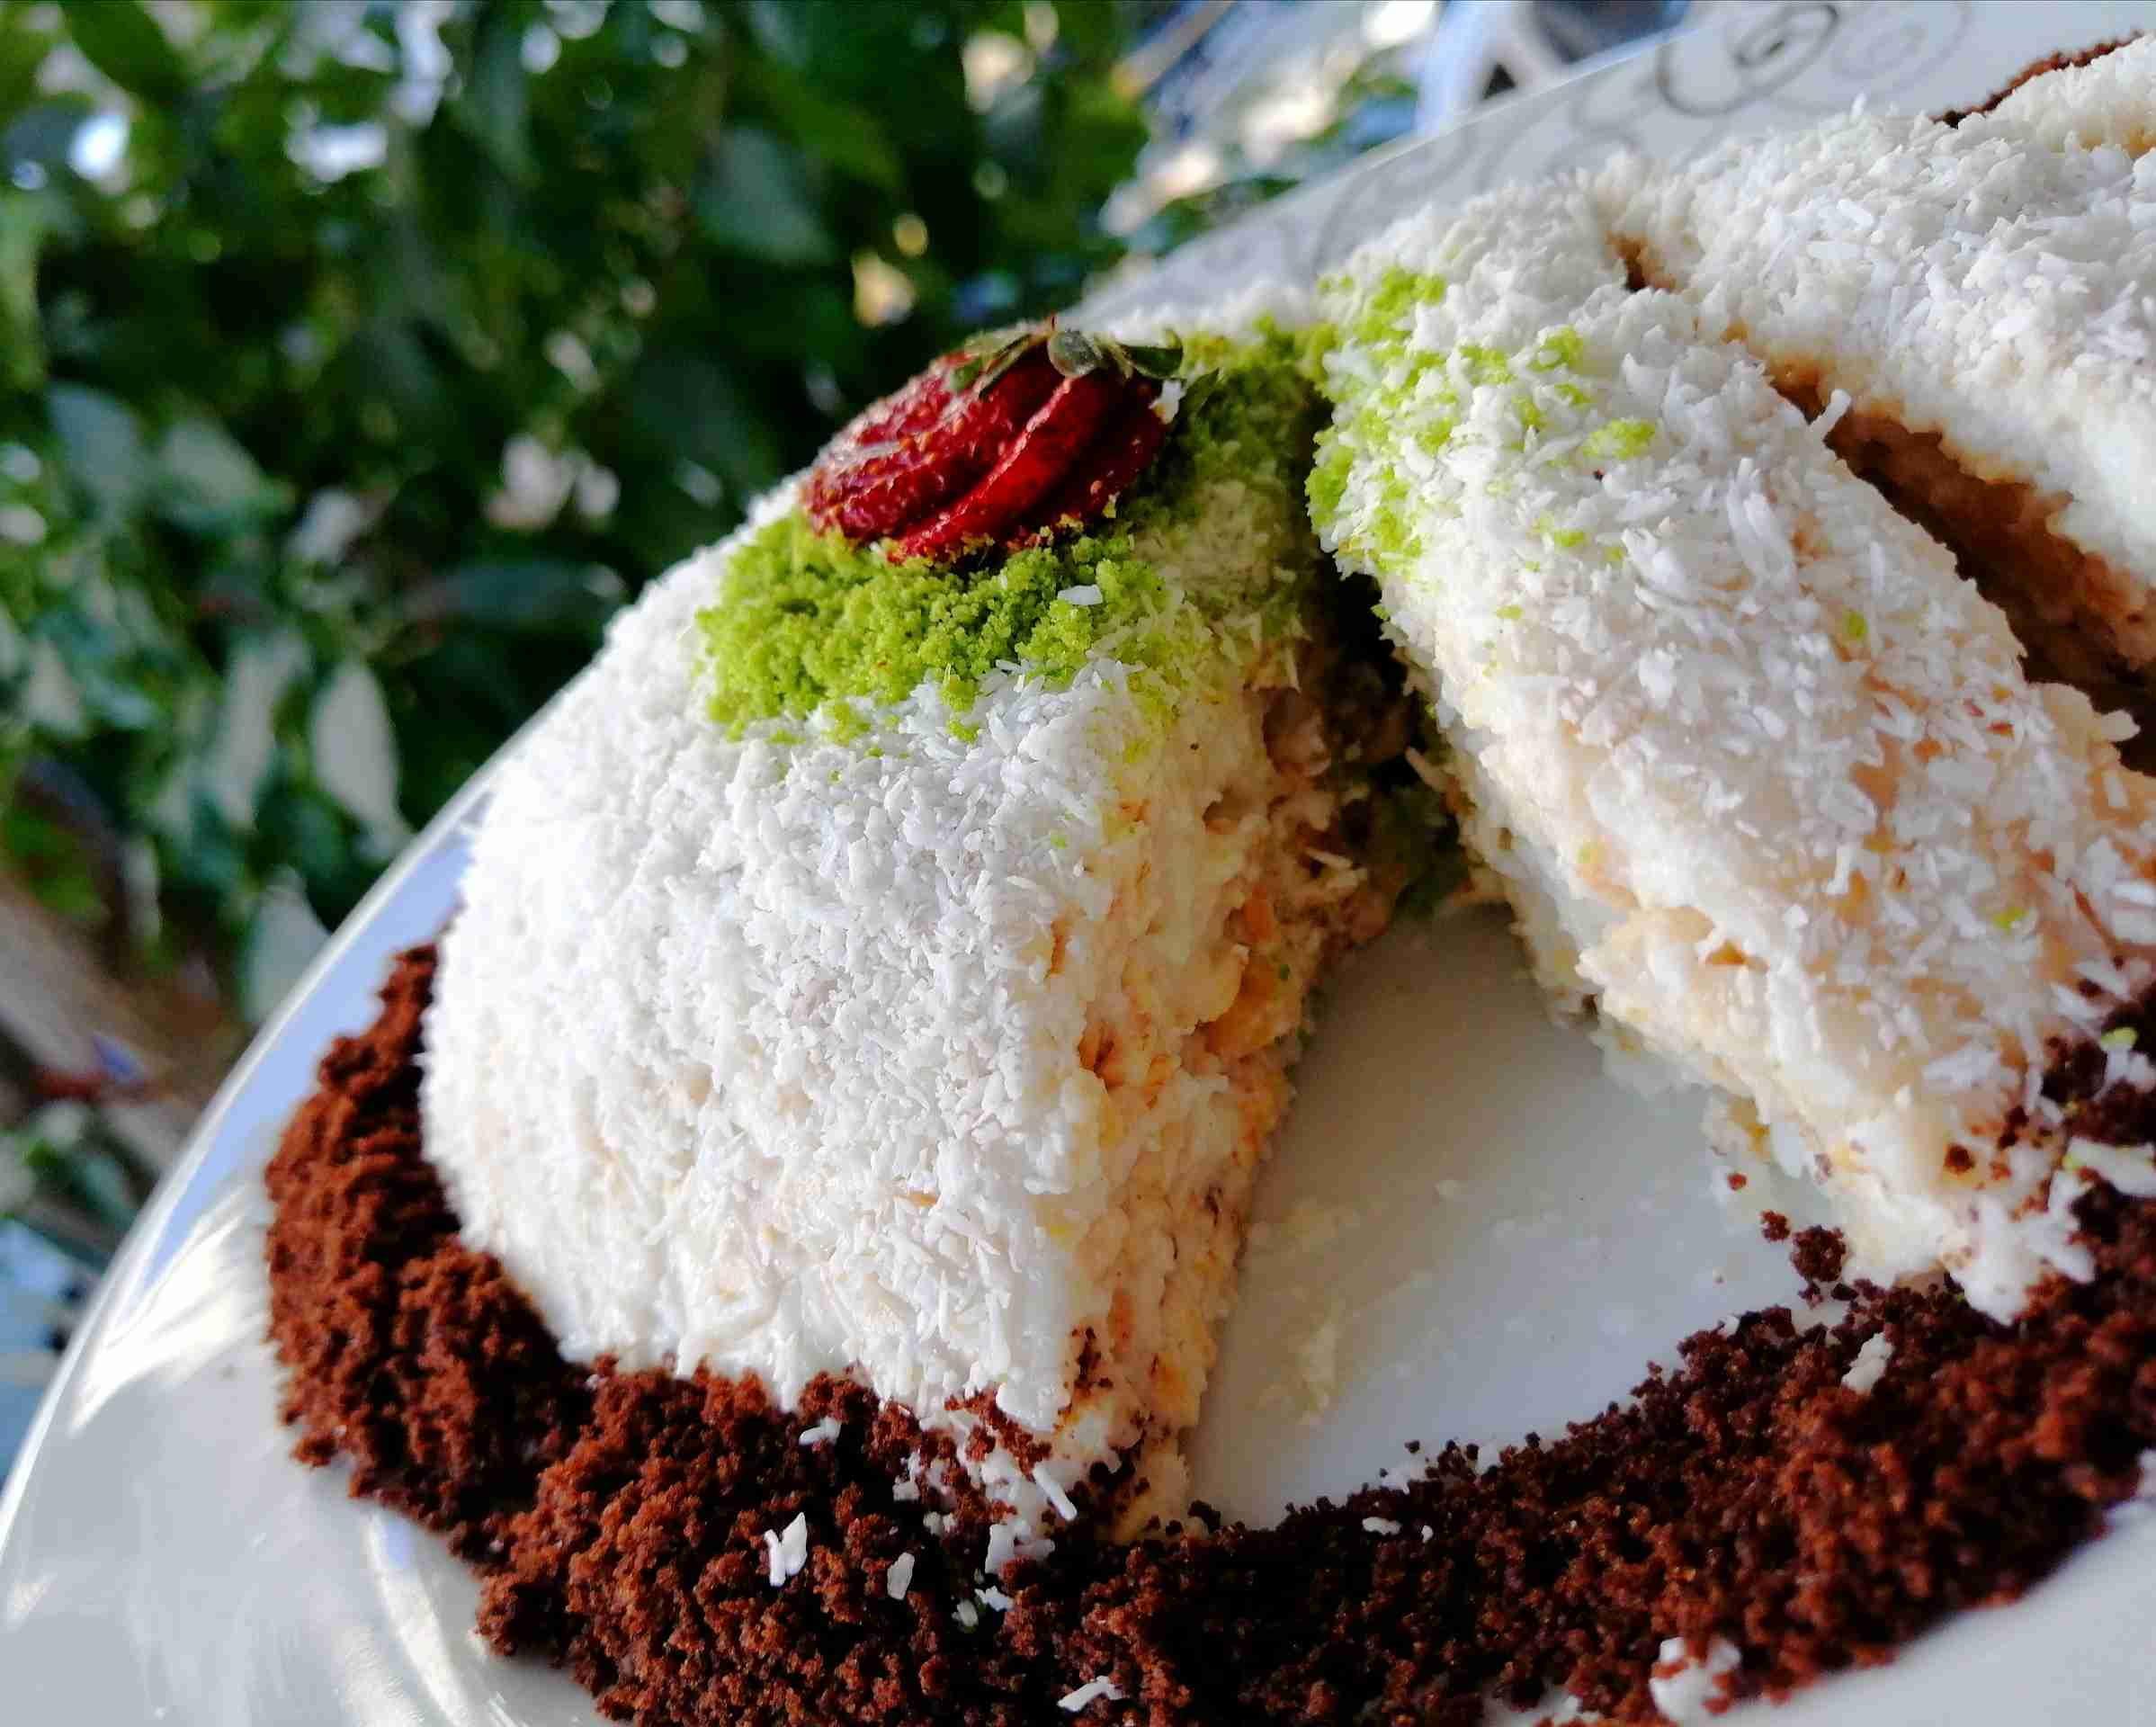 مهلبية الشوفان بالبندق حلو سريع بطعم رائع ملكة رمضان زاكي Recipe Desserts Food Yummy